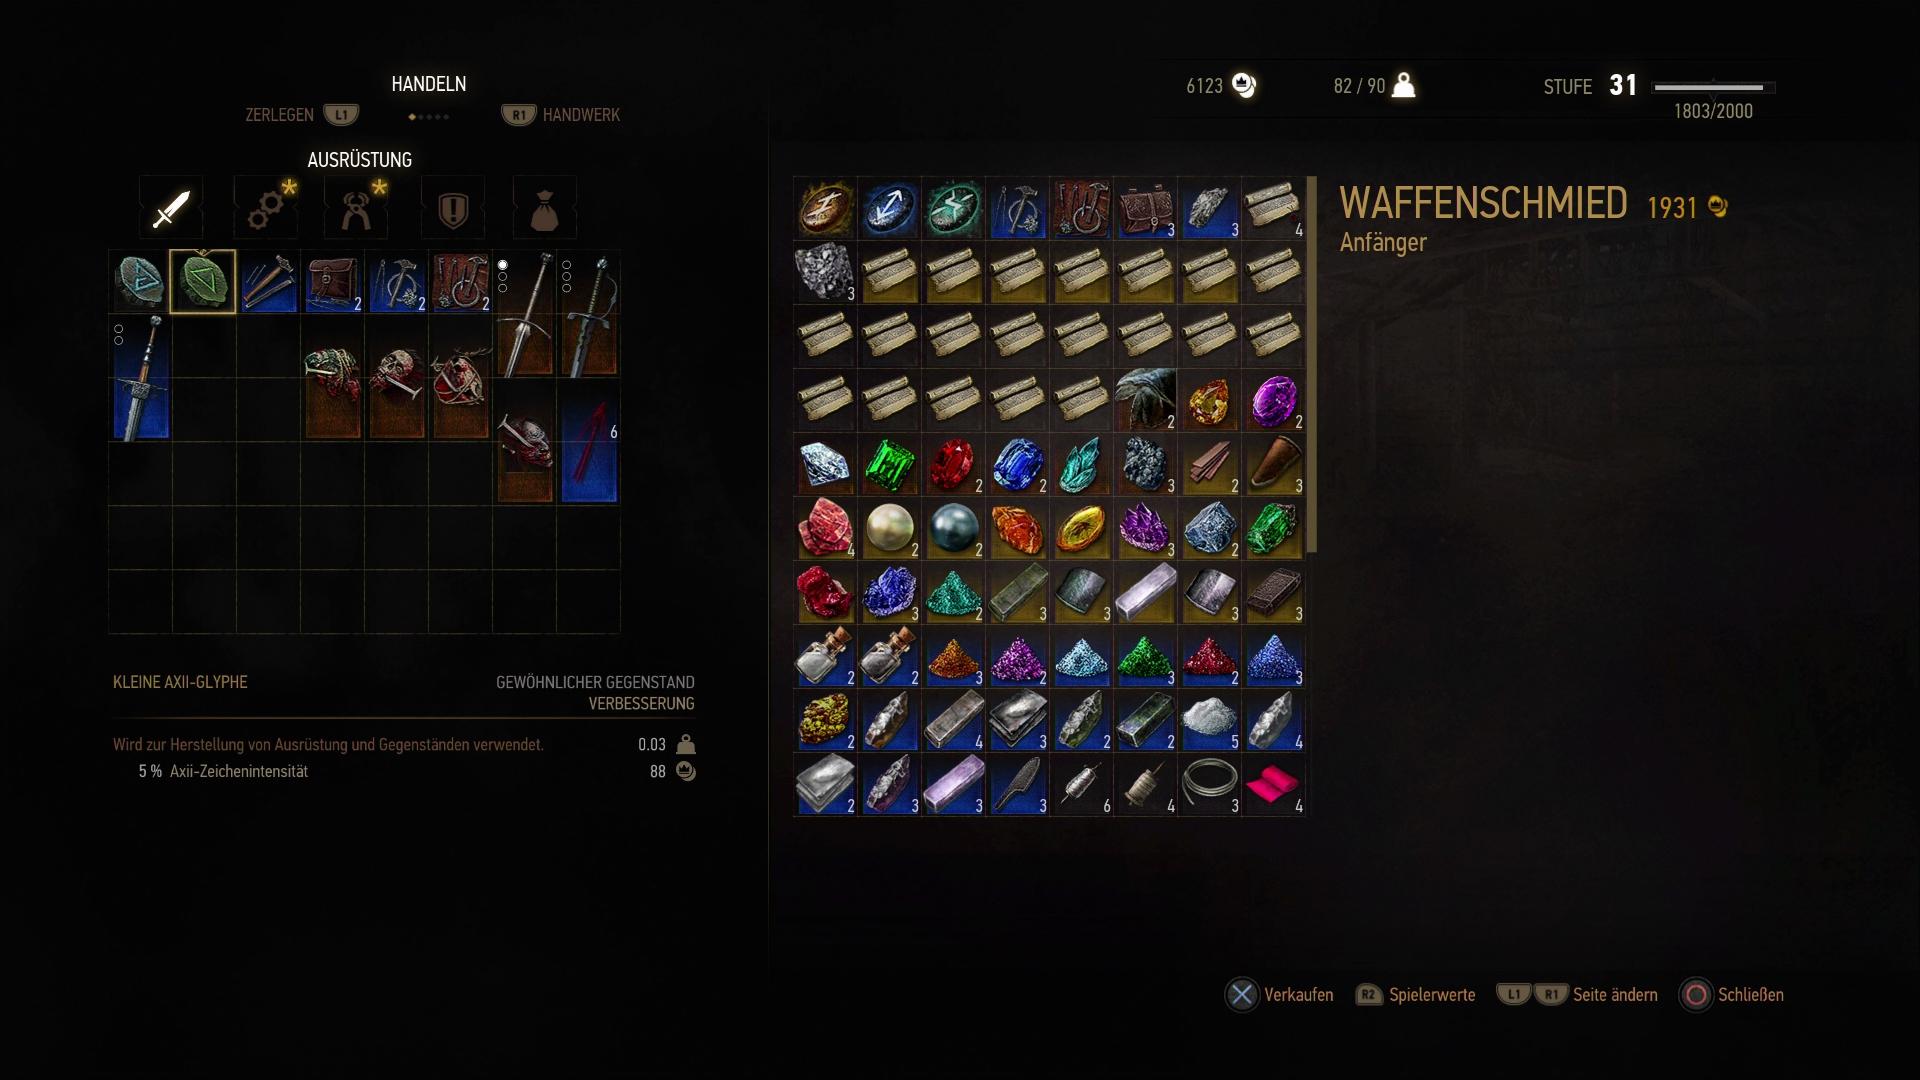 Witcher 3 Zerlegen Oder Verkaufen